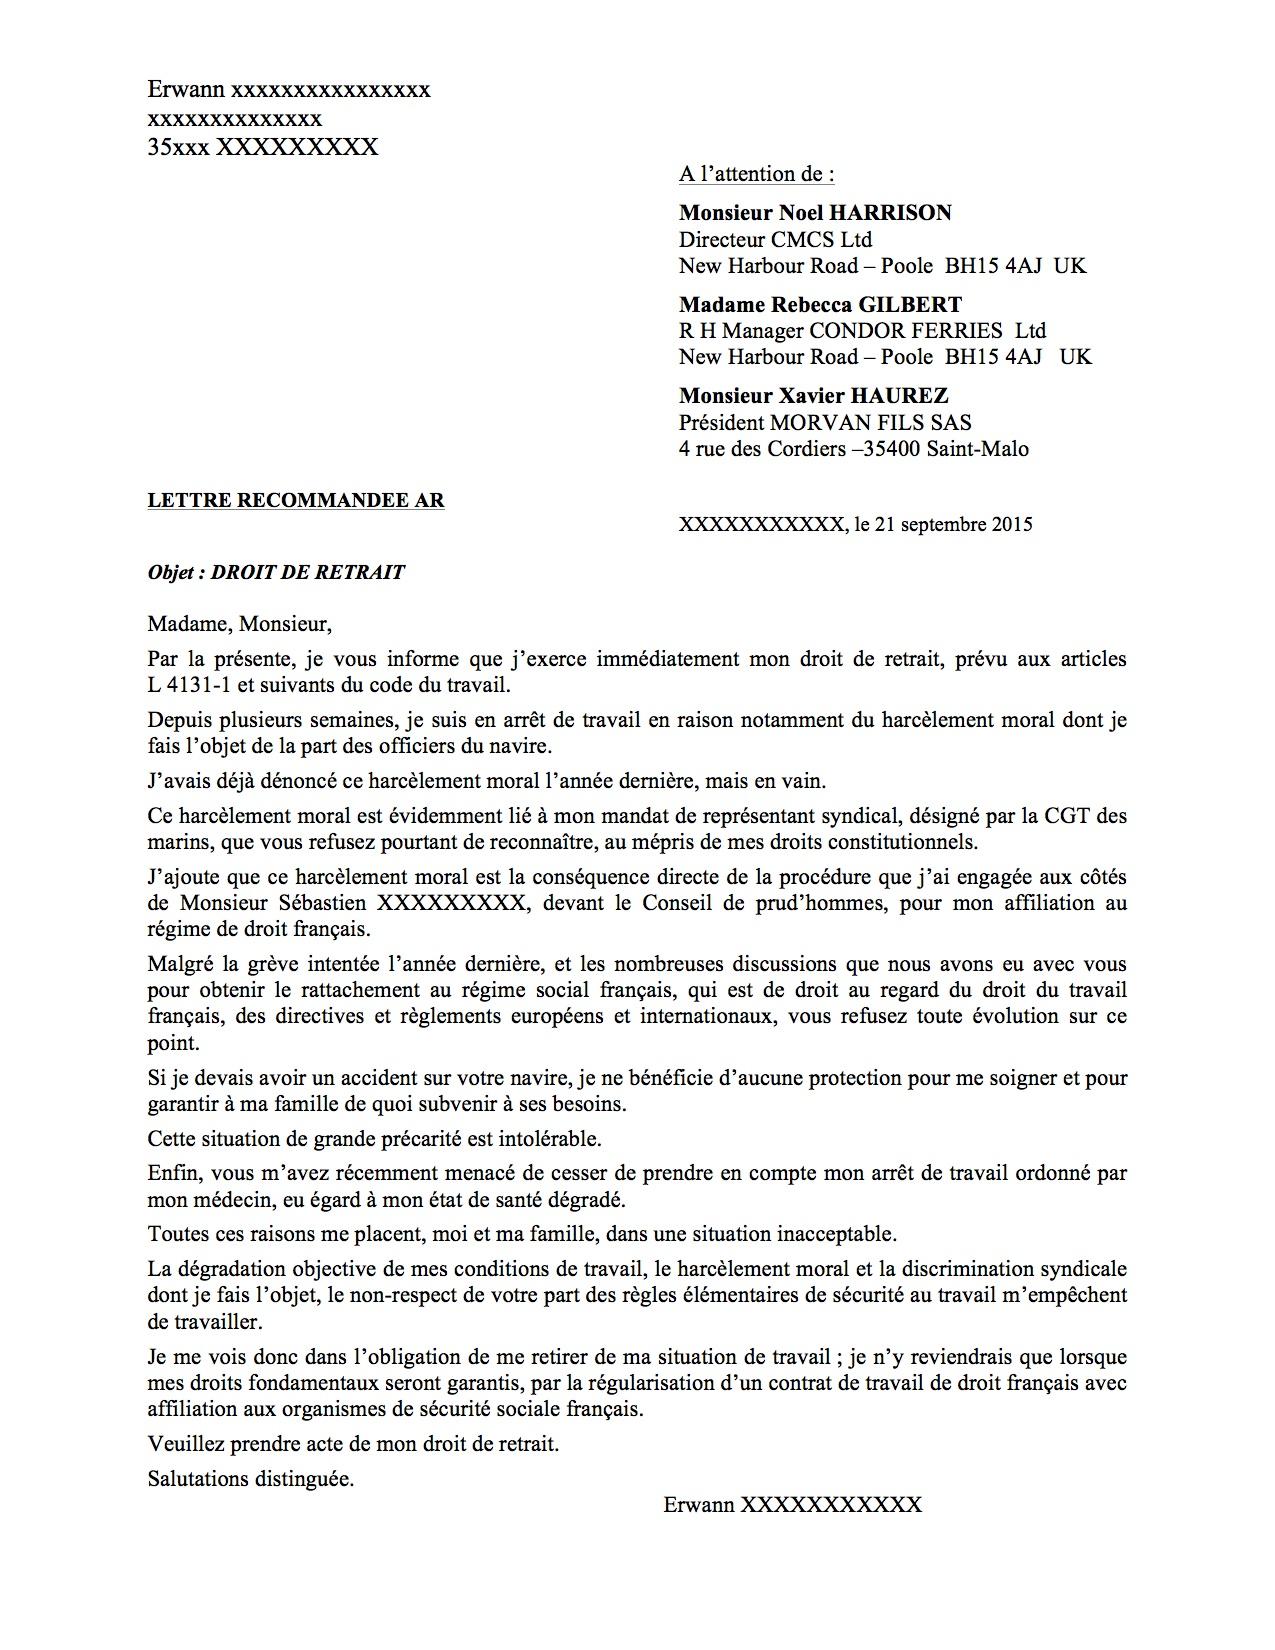 Courrier Droit de retrait Erwann F Condor Ferries